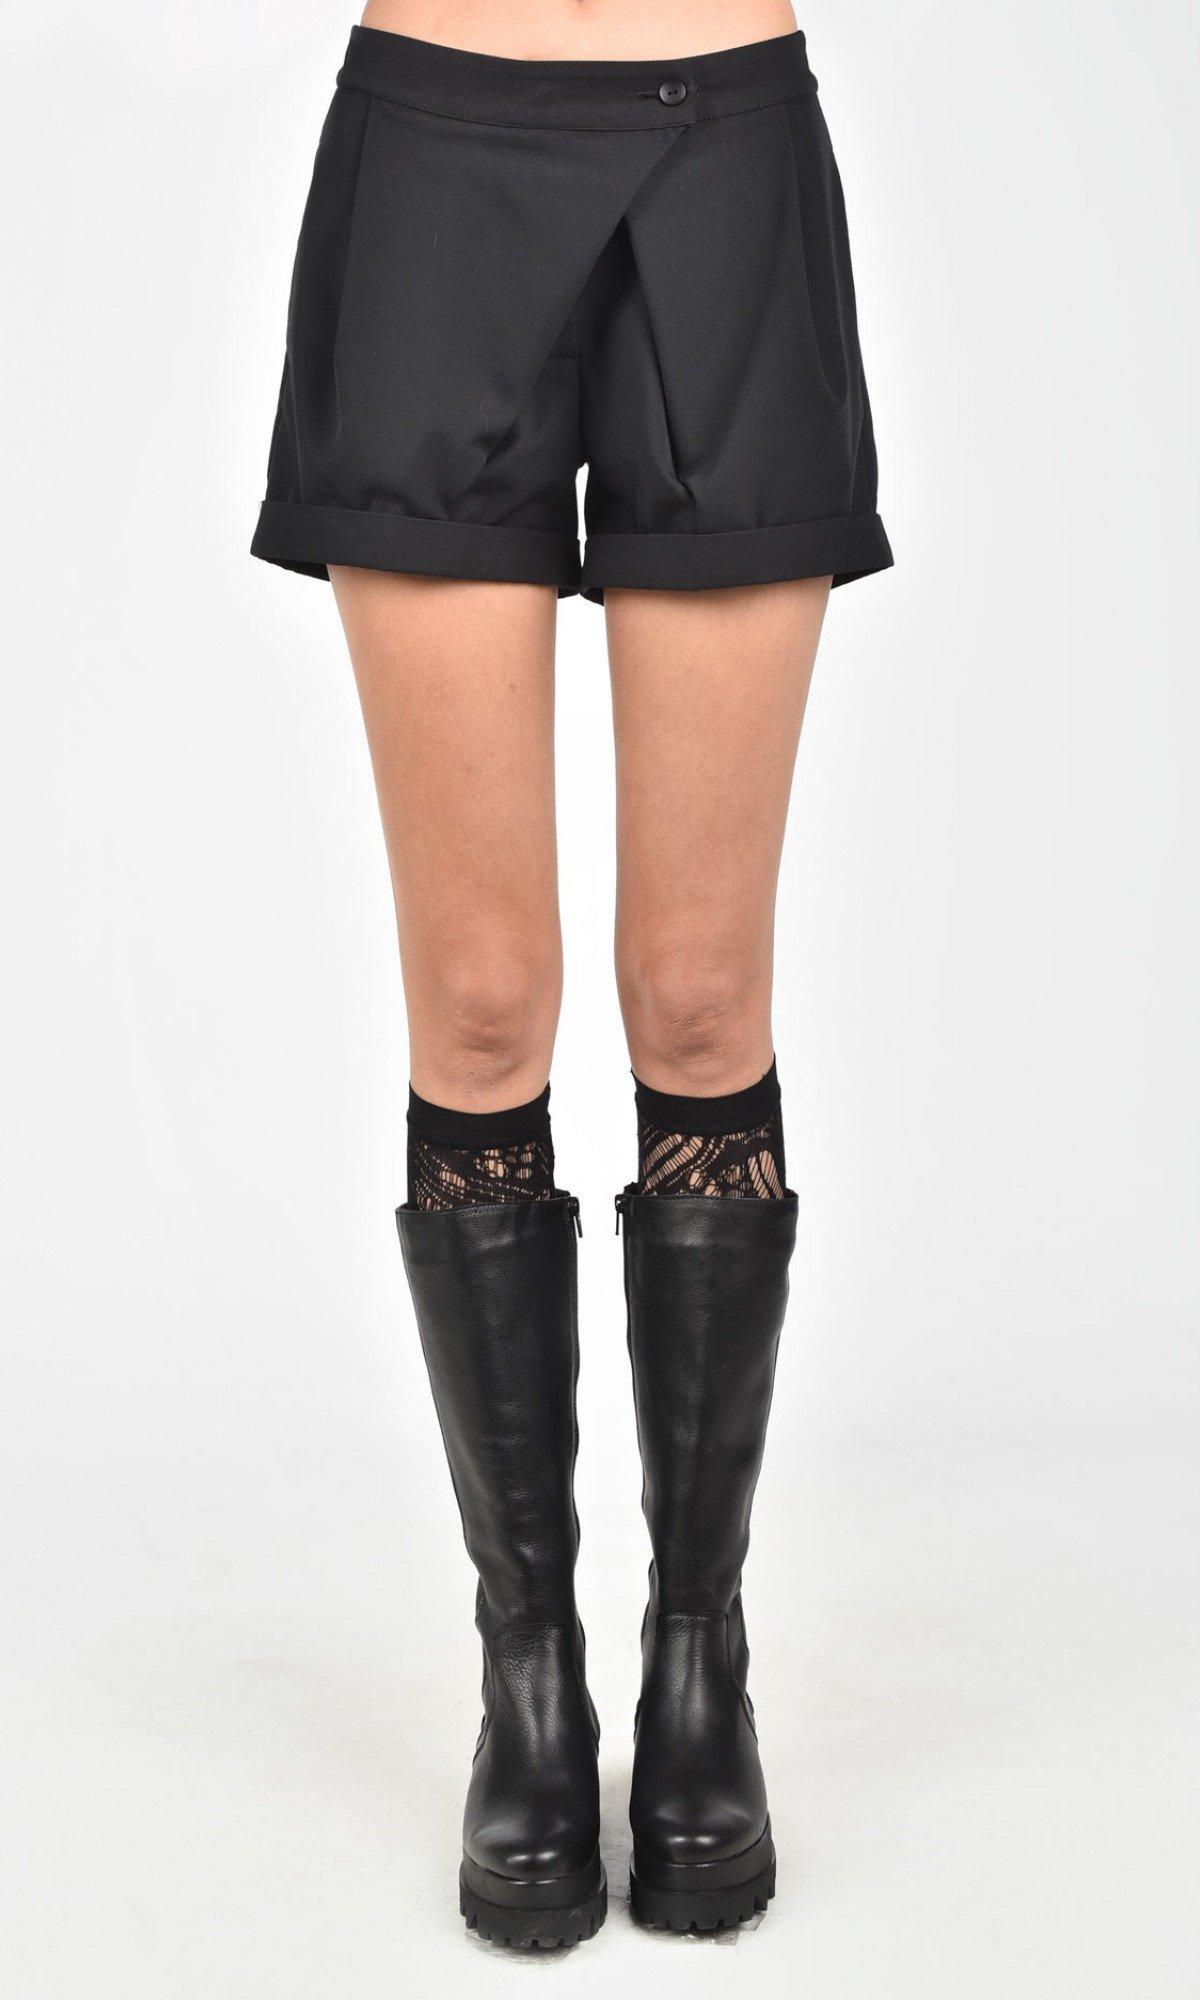 Stylish Cold Wool Shorts A05764